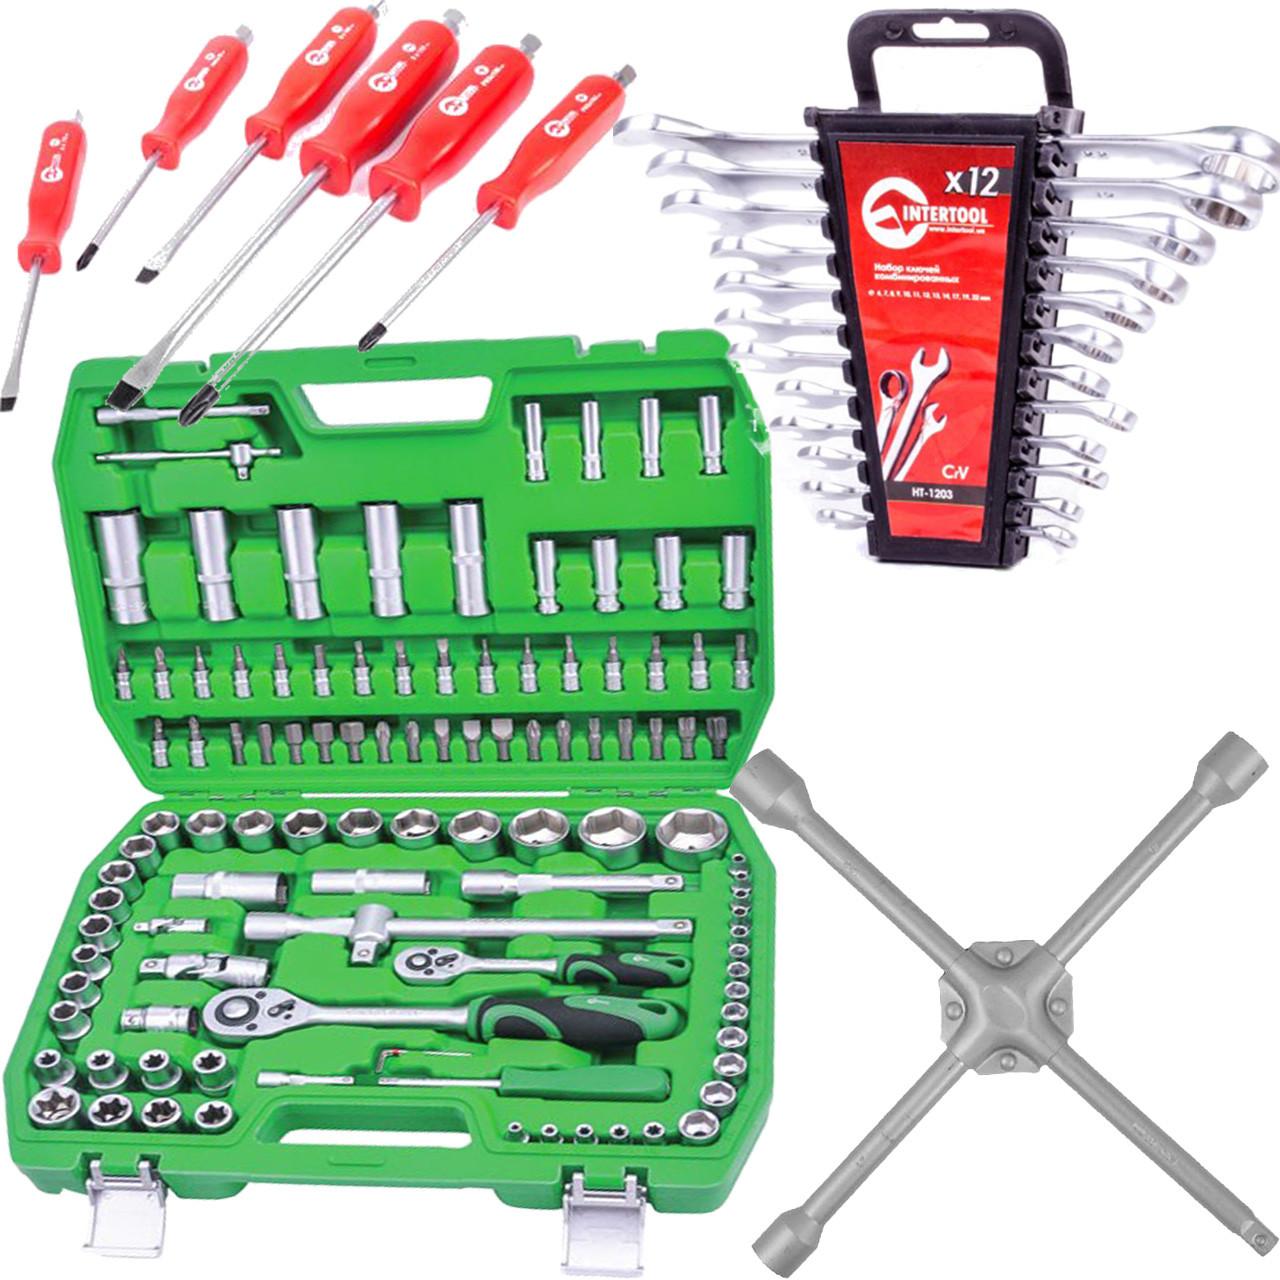 ✅ Набор инструментов 108 ед.Intertool ET-6108SP + набор ключей 12 ед.HT-1203 + Набор ударных отверток 6 шт